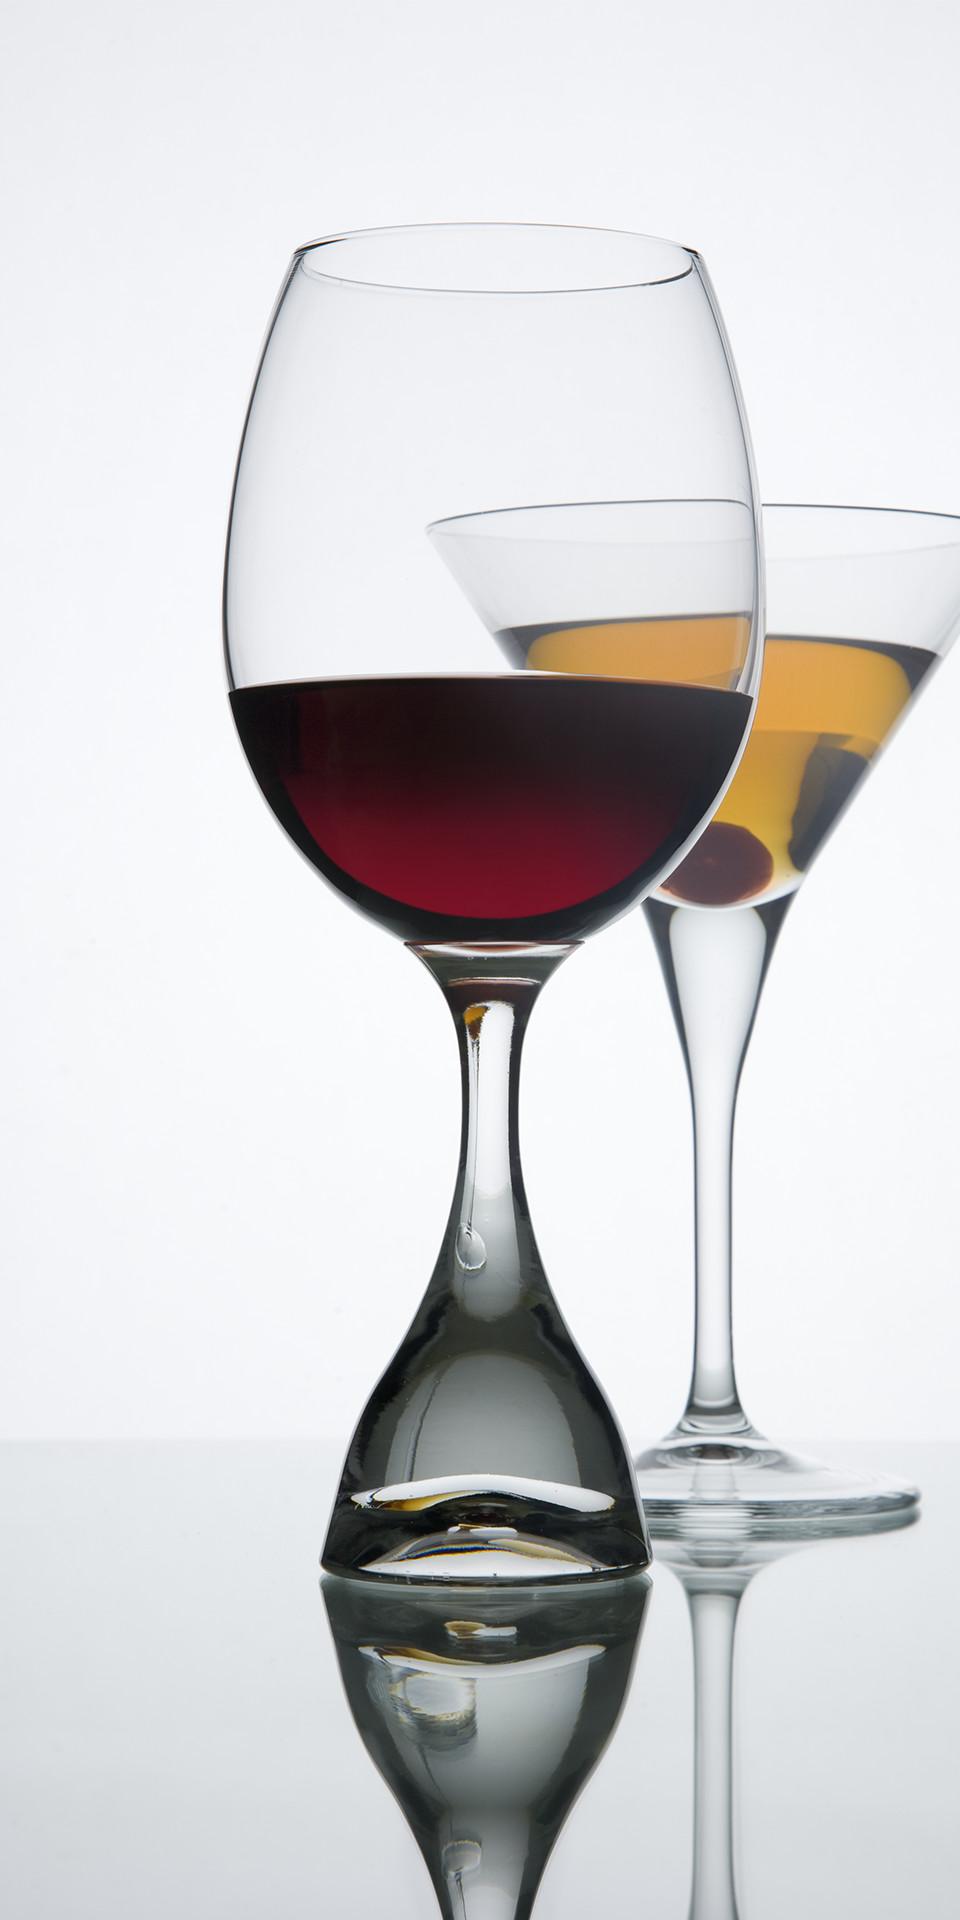 fotografia publicitaria vino